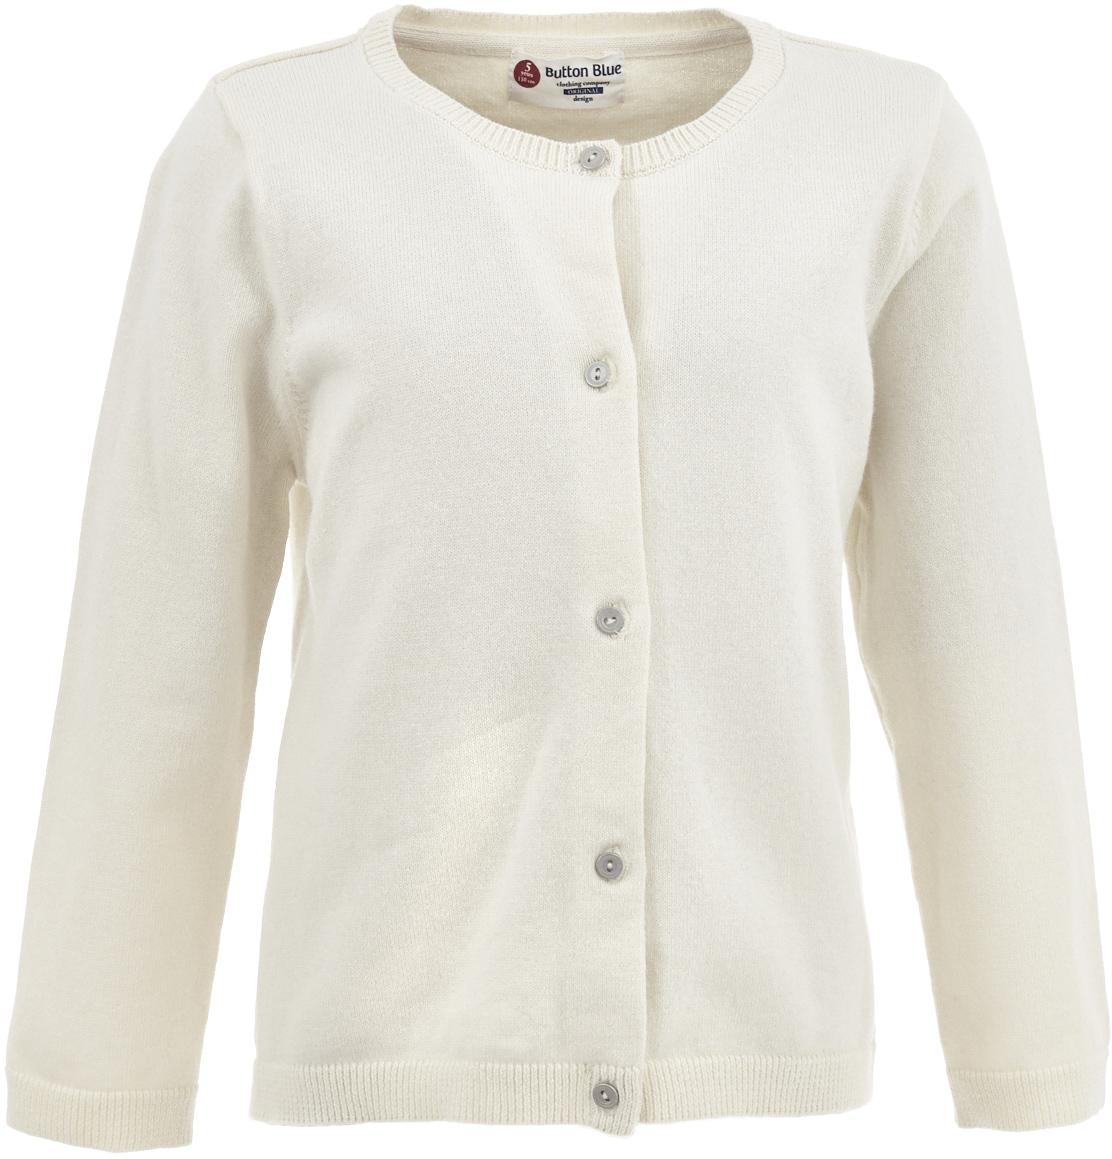 Кардиган для девочки Button Blue, цвет: молочный. 217BBGC35011400. Размер 98, 3 года217BBGC35011400Вязаный кардиган - классика жанра. Это базовый ассортимент, не утративший своей актуальности на протяжении многих лет. Спокойная свободная форма, мягкий силуэт делают кардиган отличным дополнением к любому комплекту с брюками или юбкой. Ваша желание купить детский кардиган недорого увенчается успехом, если вы обратите внимание на достойную модель от Button Blue. Молочный кардиган - отличный вариант для тех, кто ценит уют, комфорт и свободу движений.